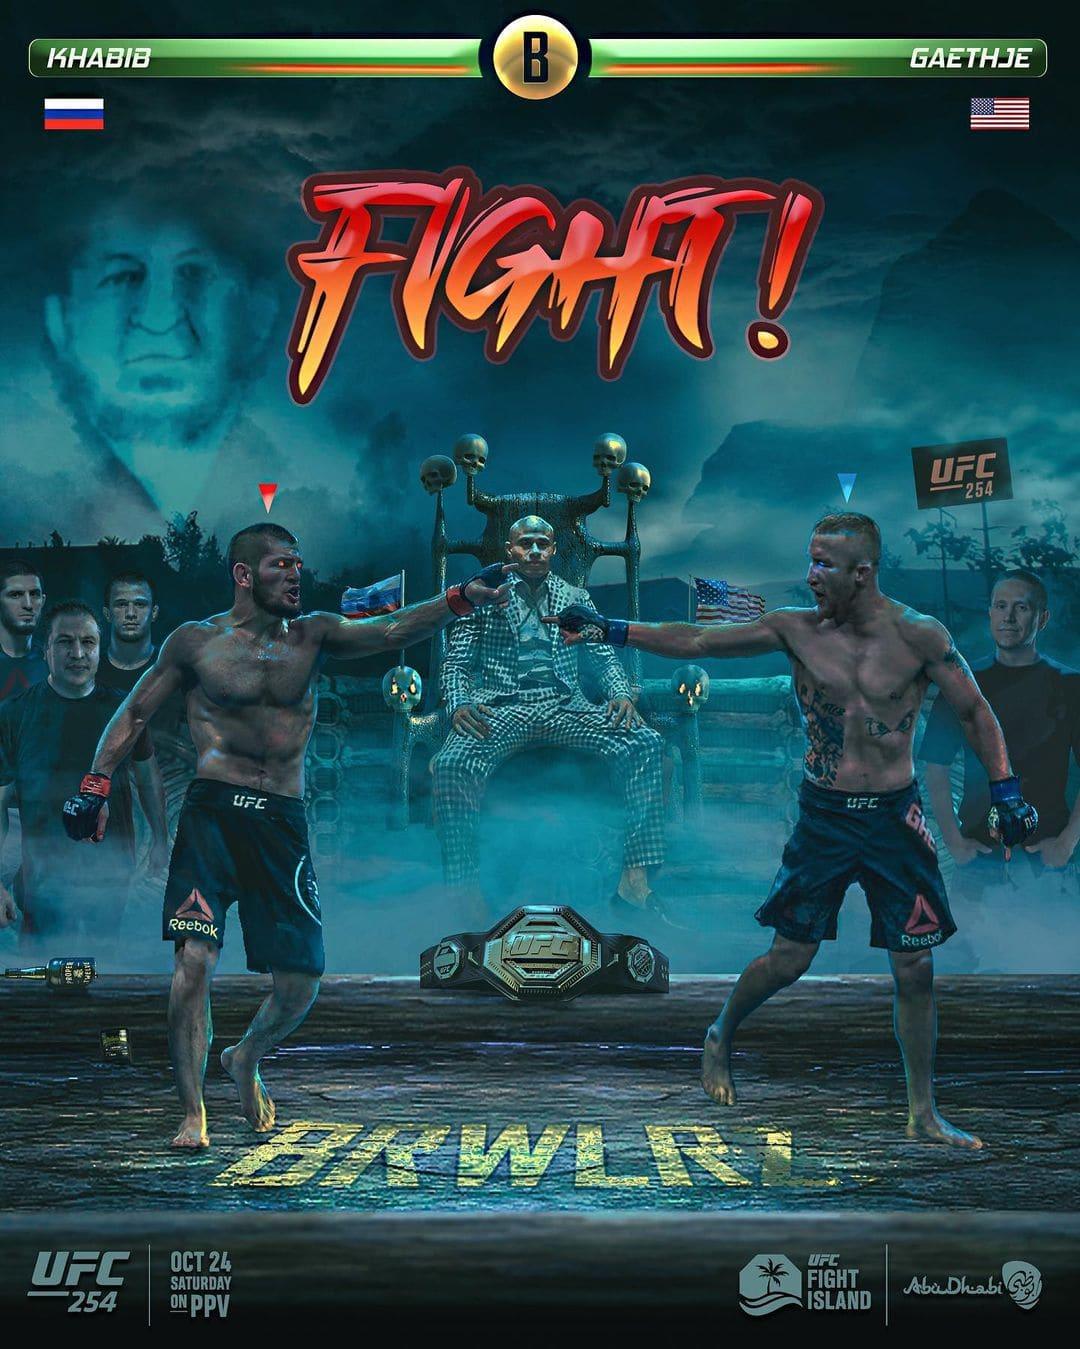 UFC 254 Official Poster Khabib Nurmagomedov vs. Justin Gaethje